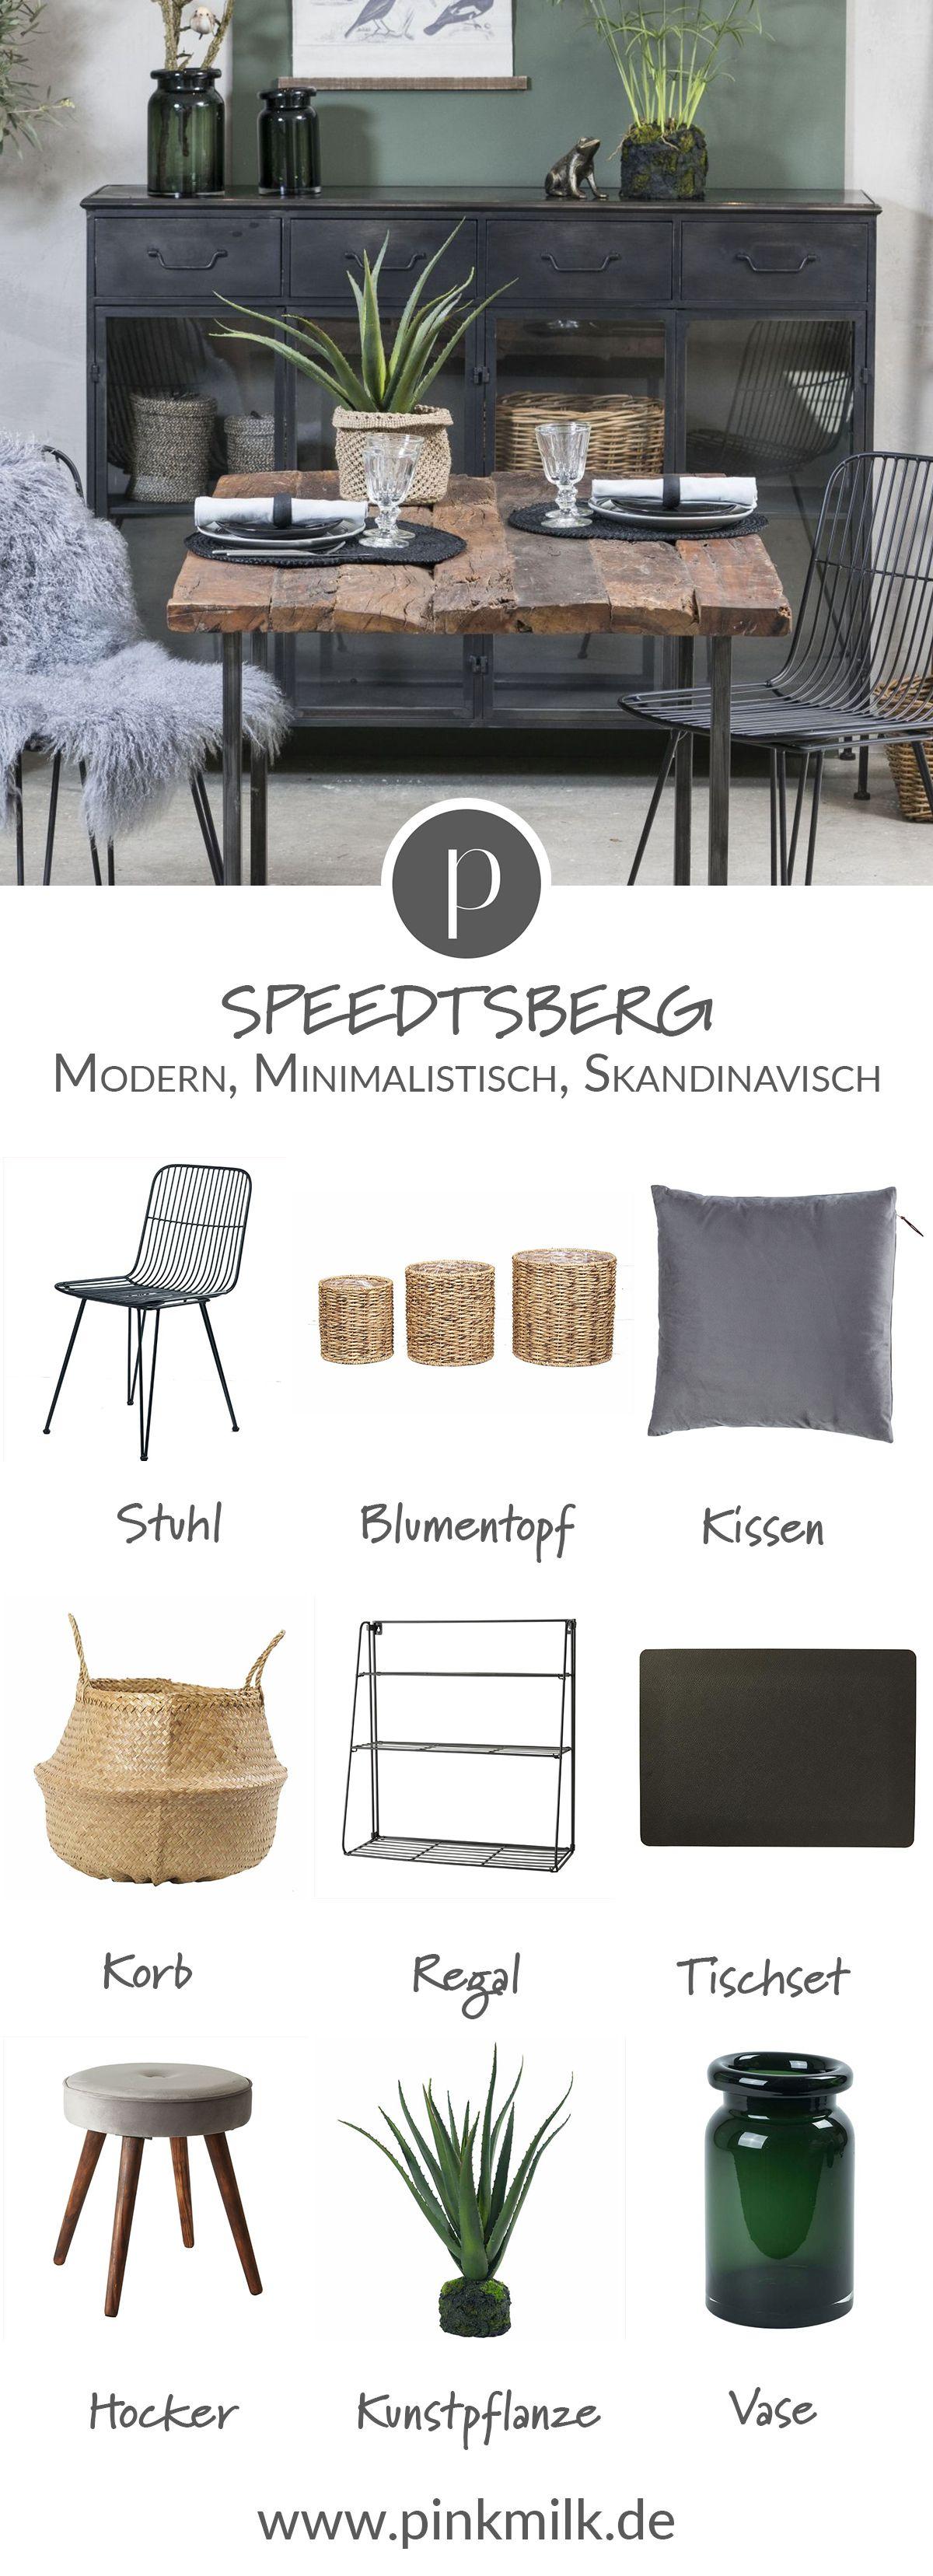 SPEEDTSBERG | ♡ Geschirr & Deko versandkostenfrei ab 49€